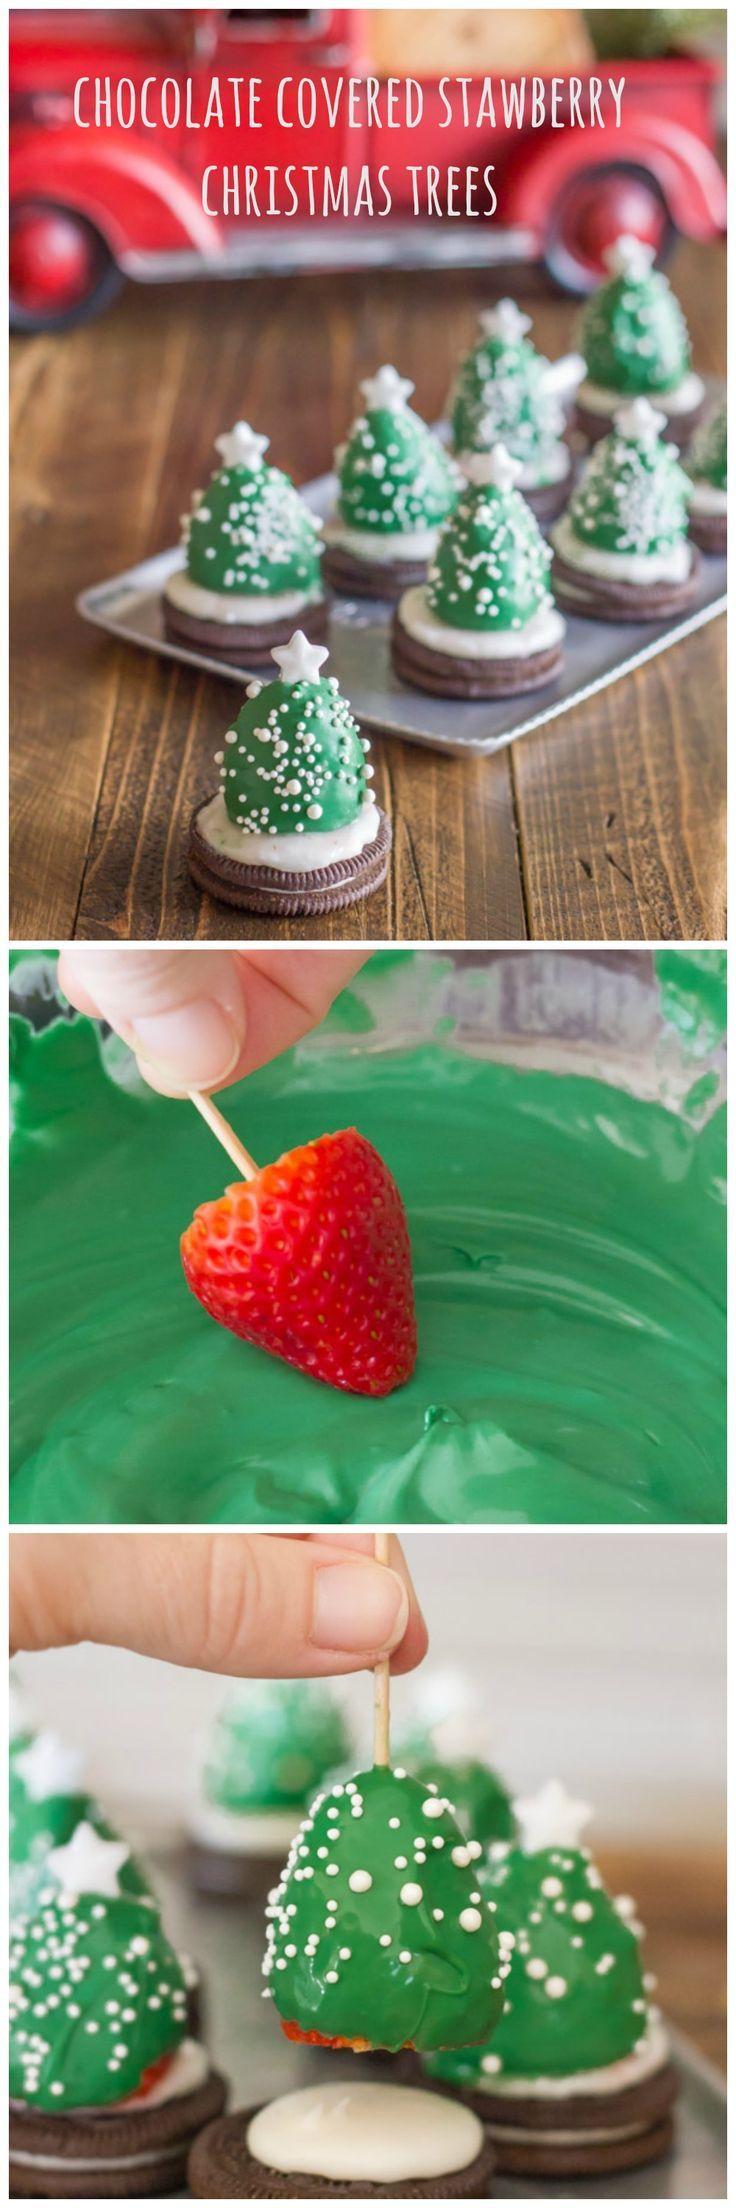 Cocina: arbol de navidad con fresas y cubierta de chocolate